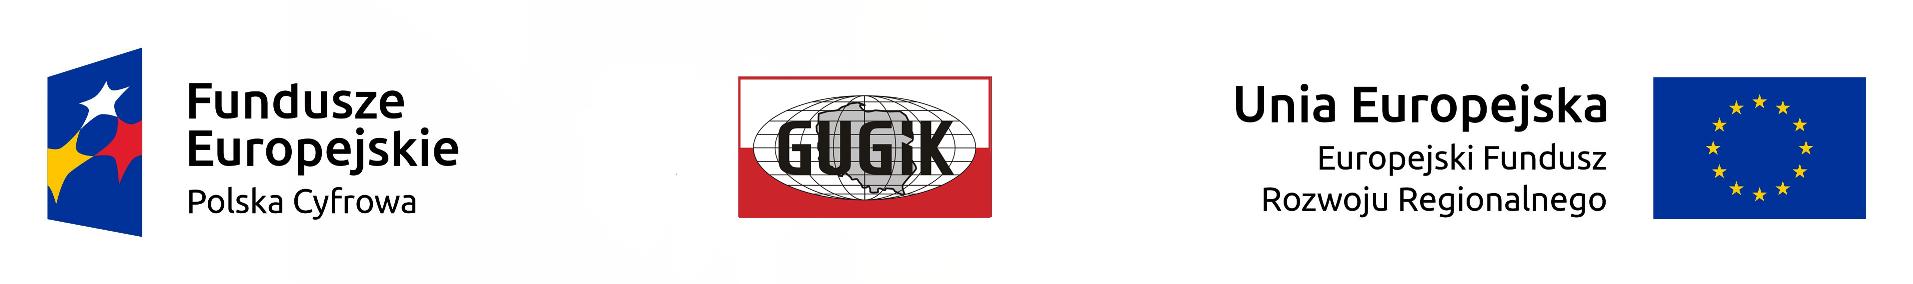 Logotypu UE, POPC oraz GUGiK